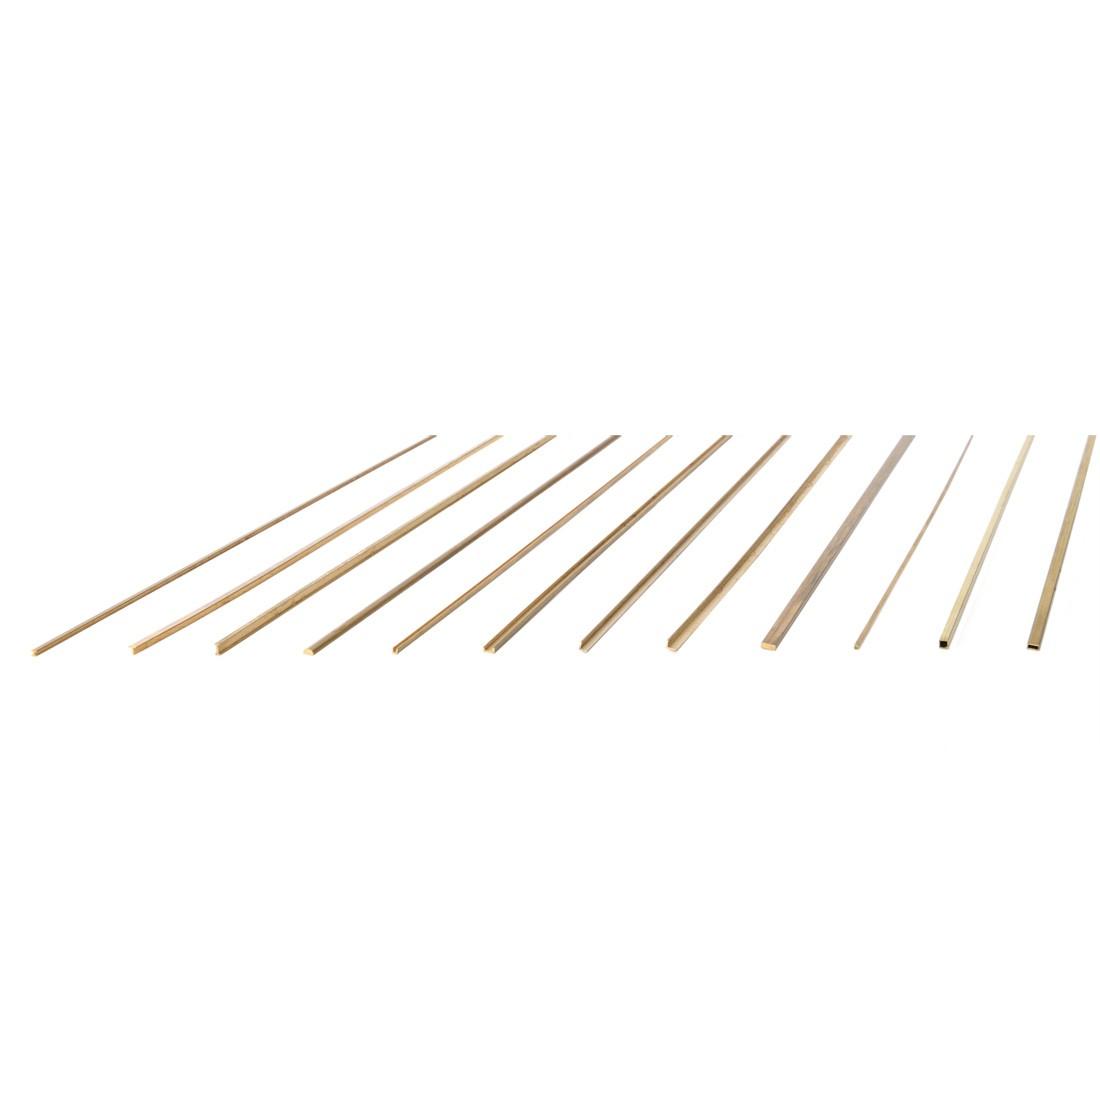 Micro profils laiton 1,5x3x500